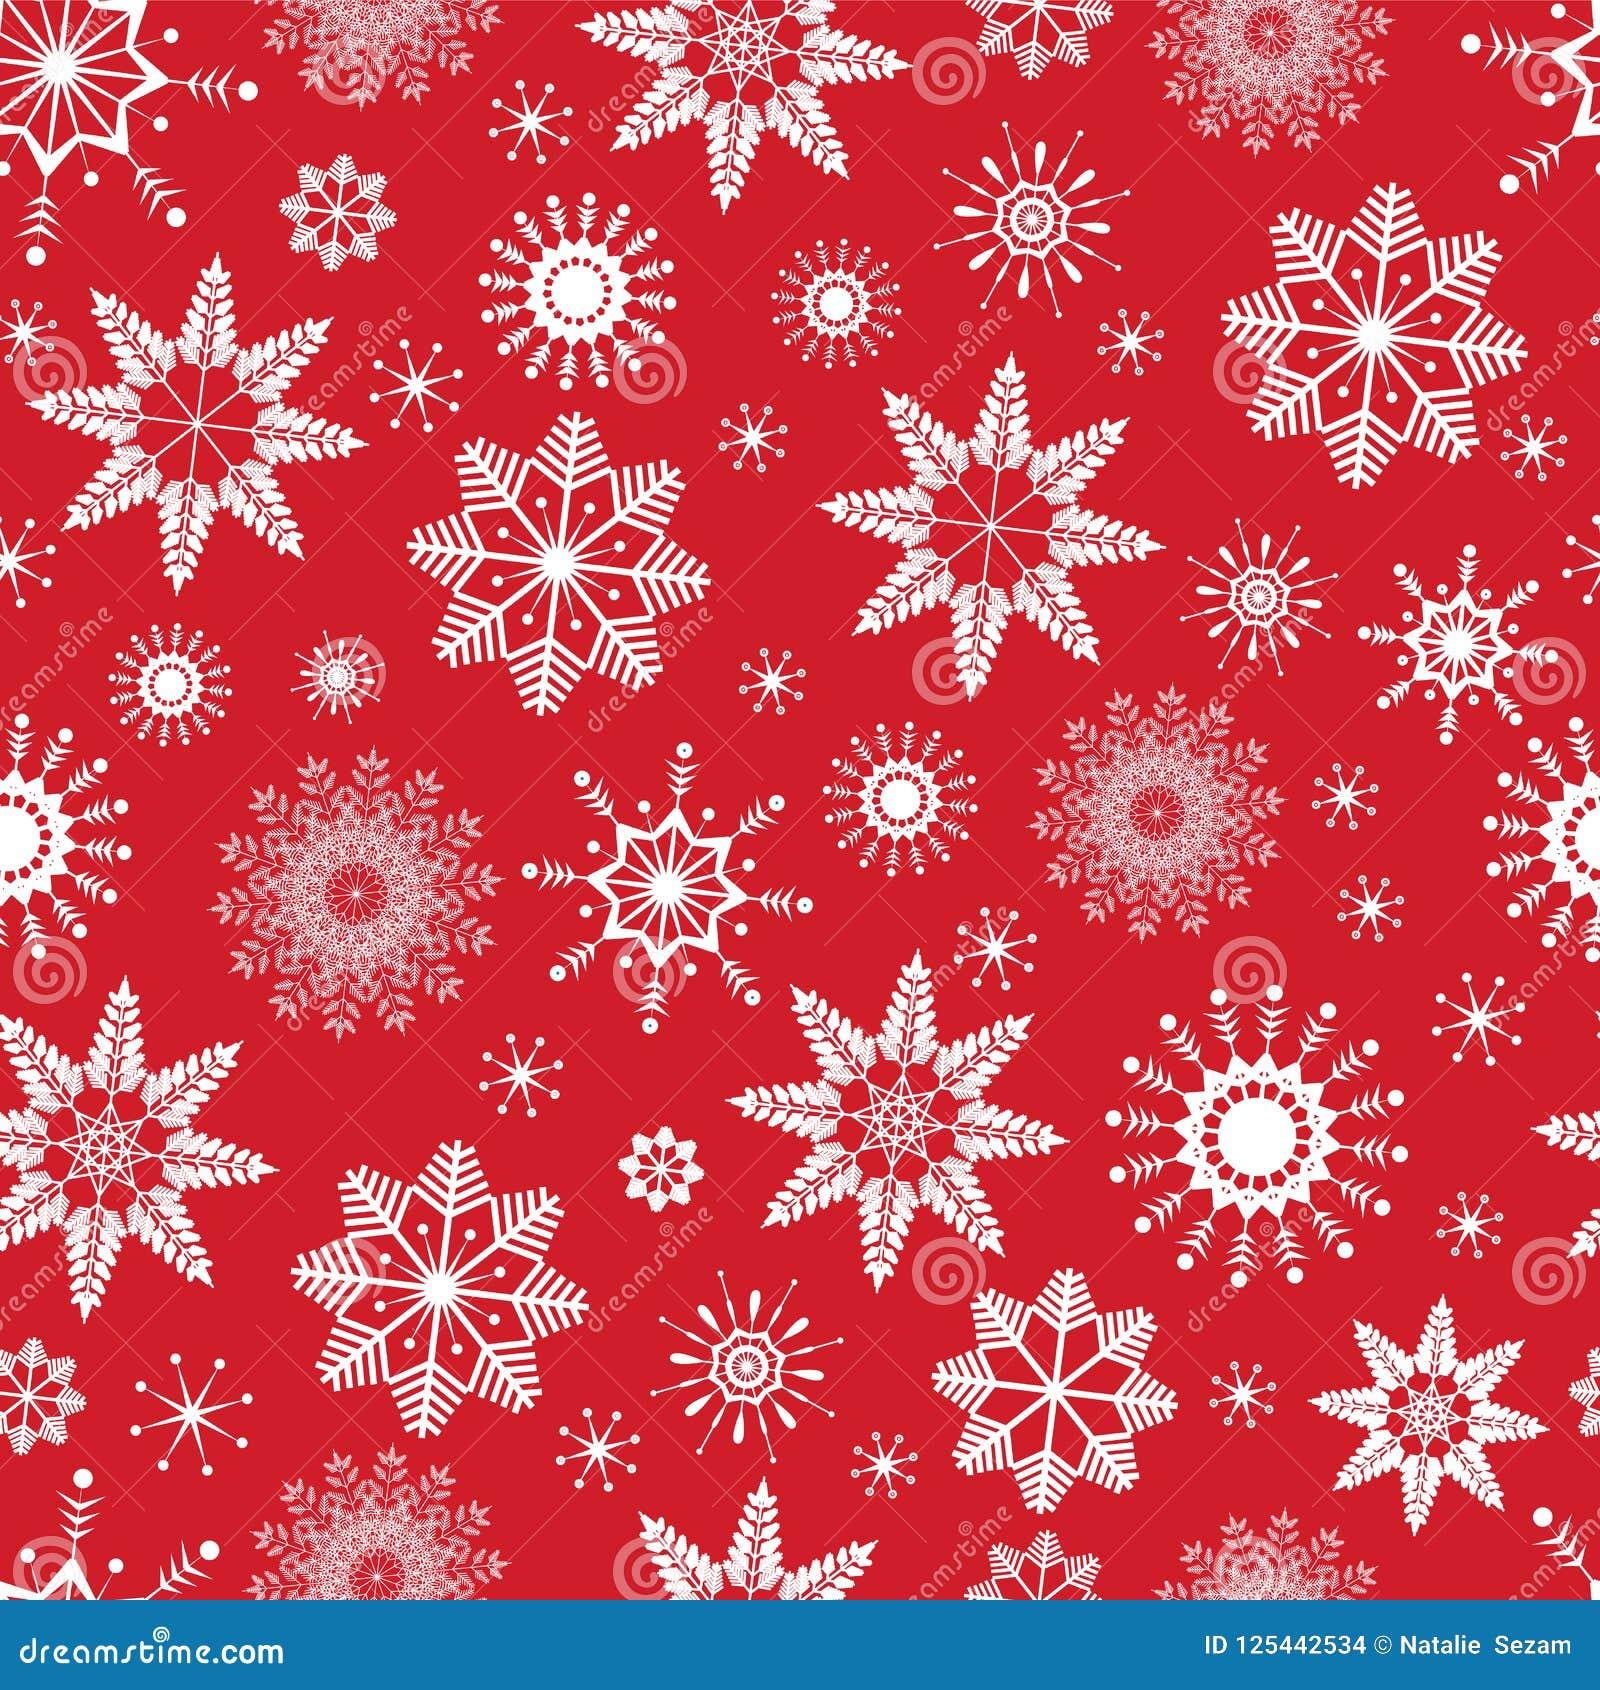 红色无缝的雪花样式 向量背景 好选择寒假设计,圣诞节和新年背景, ba